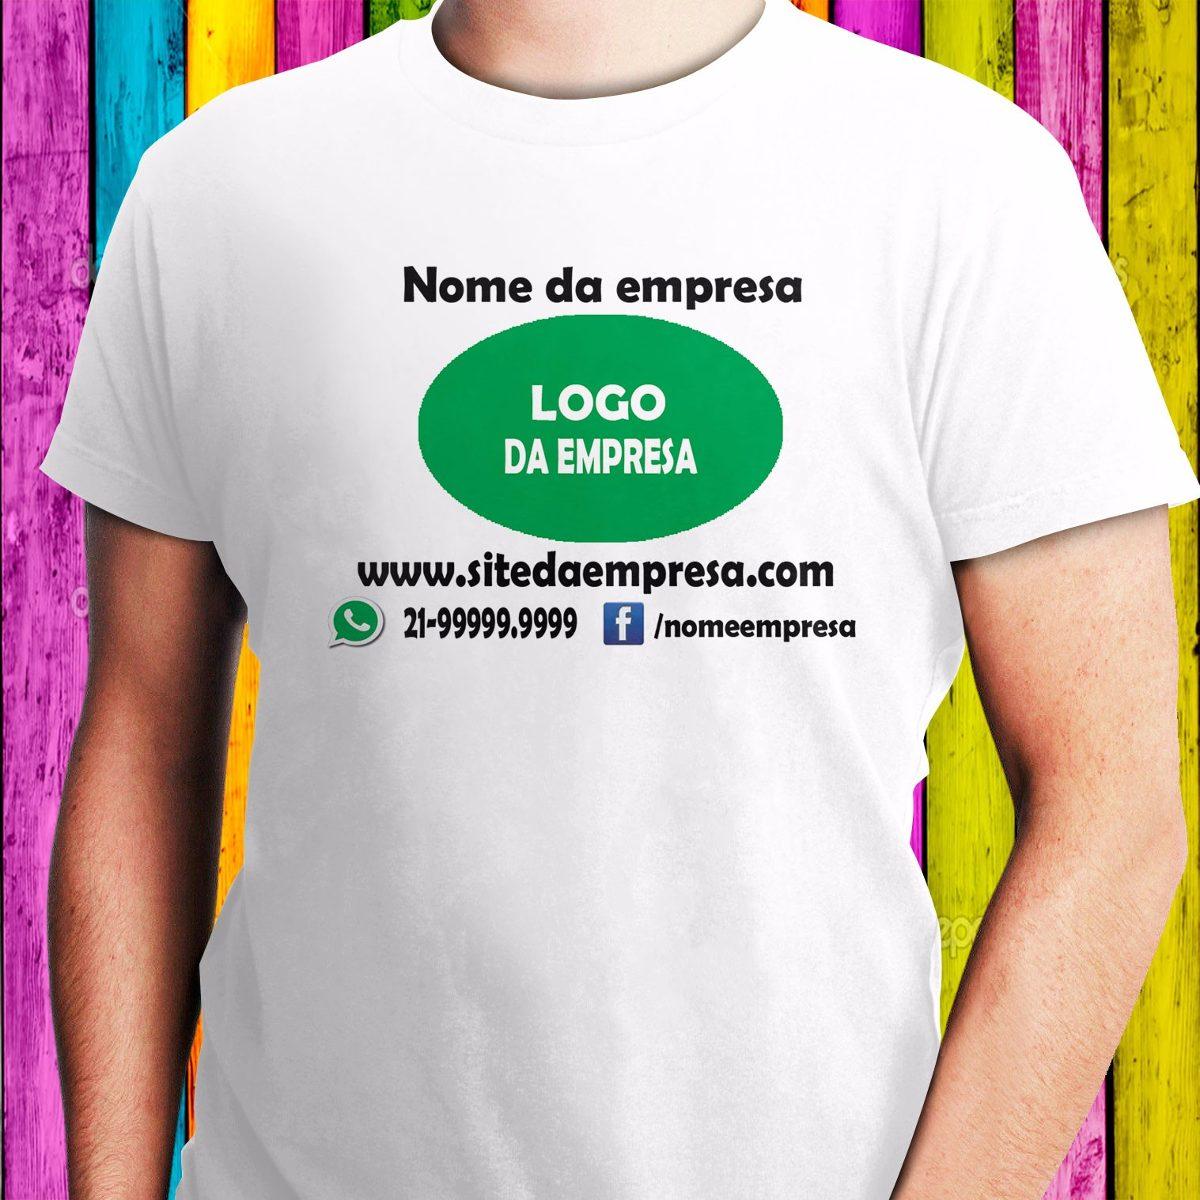 kit 7 camisetas saudades desaparecido negócios empresa geral. Carregando  zoom. fad4d403b810e